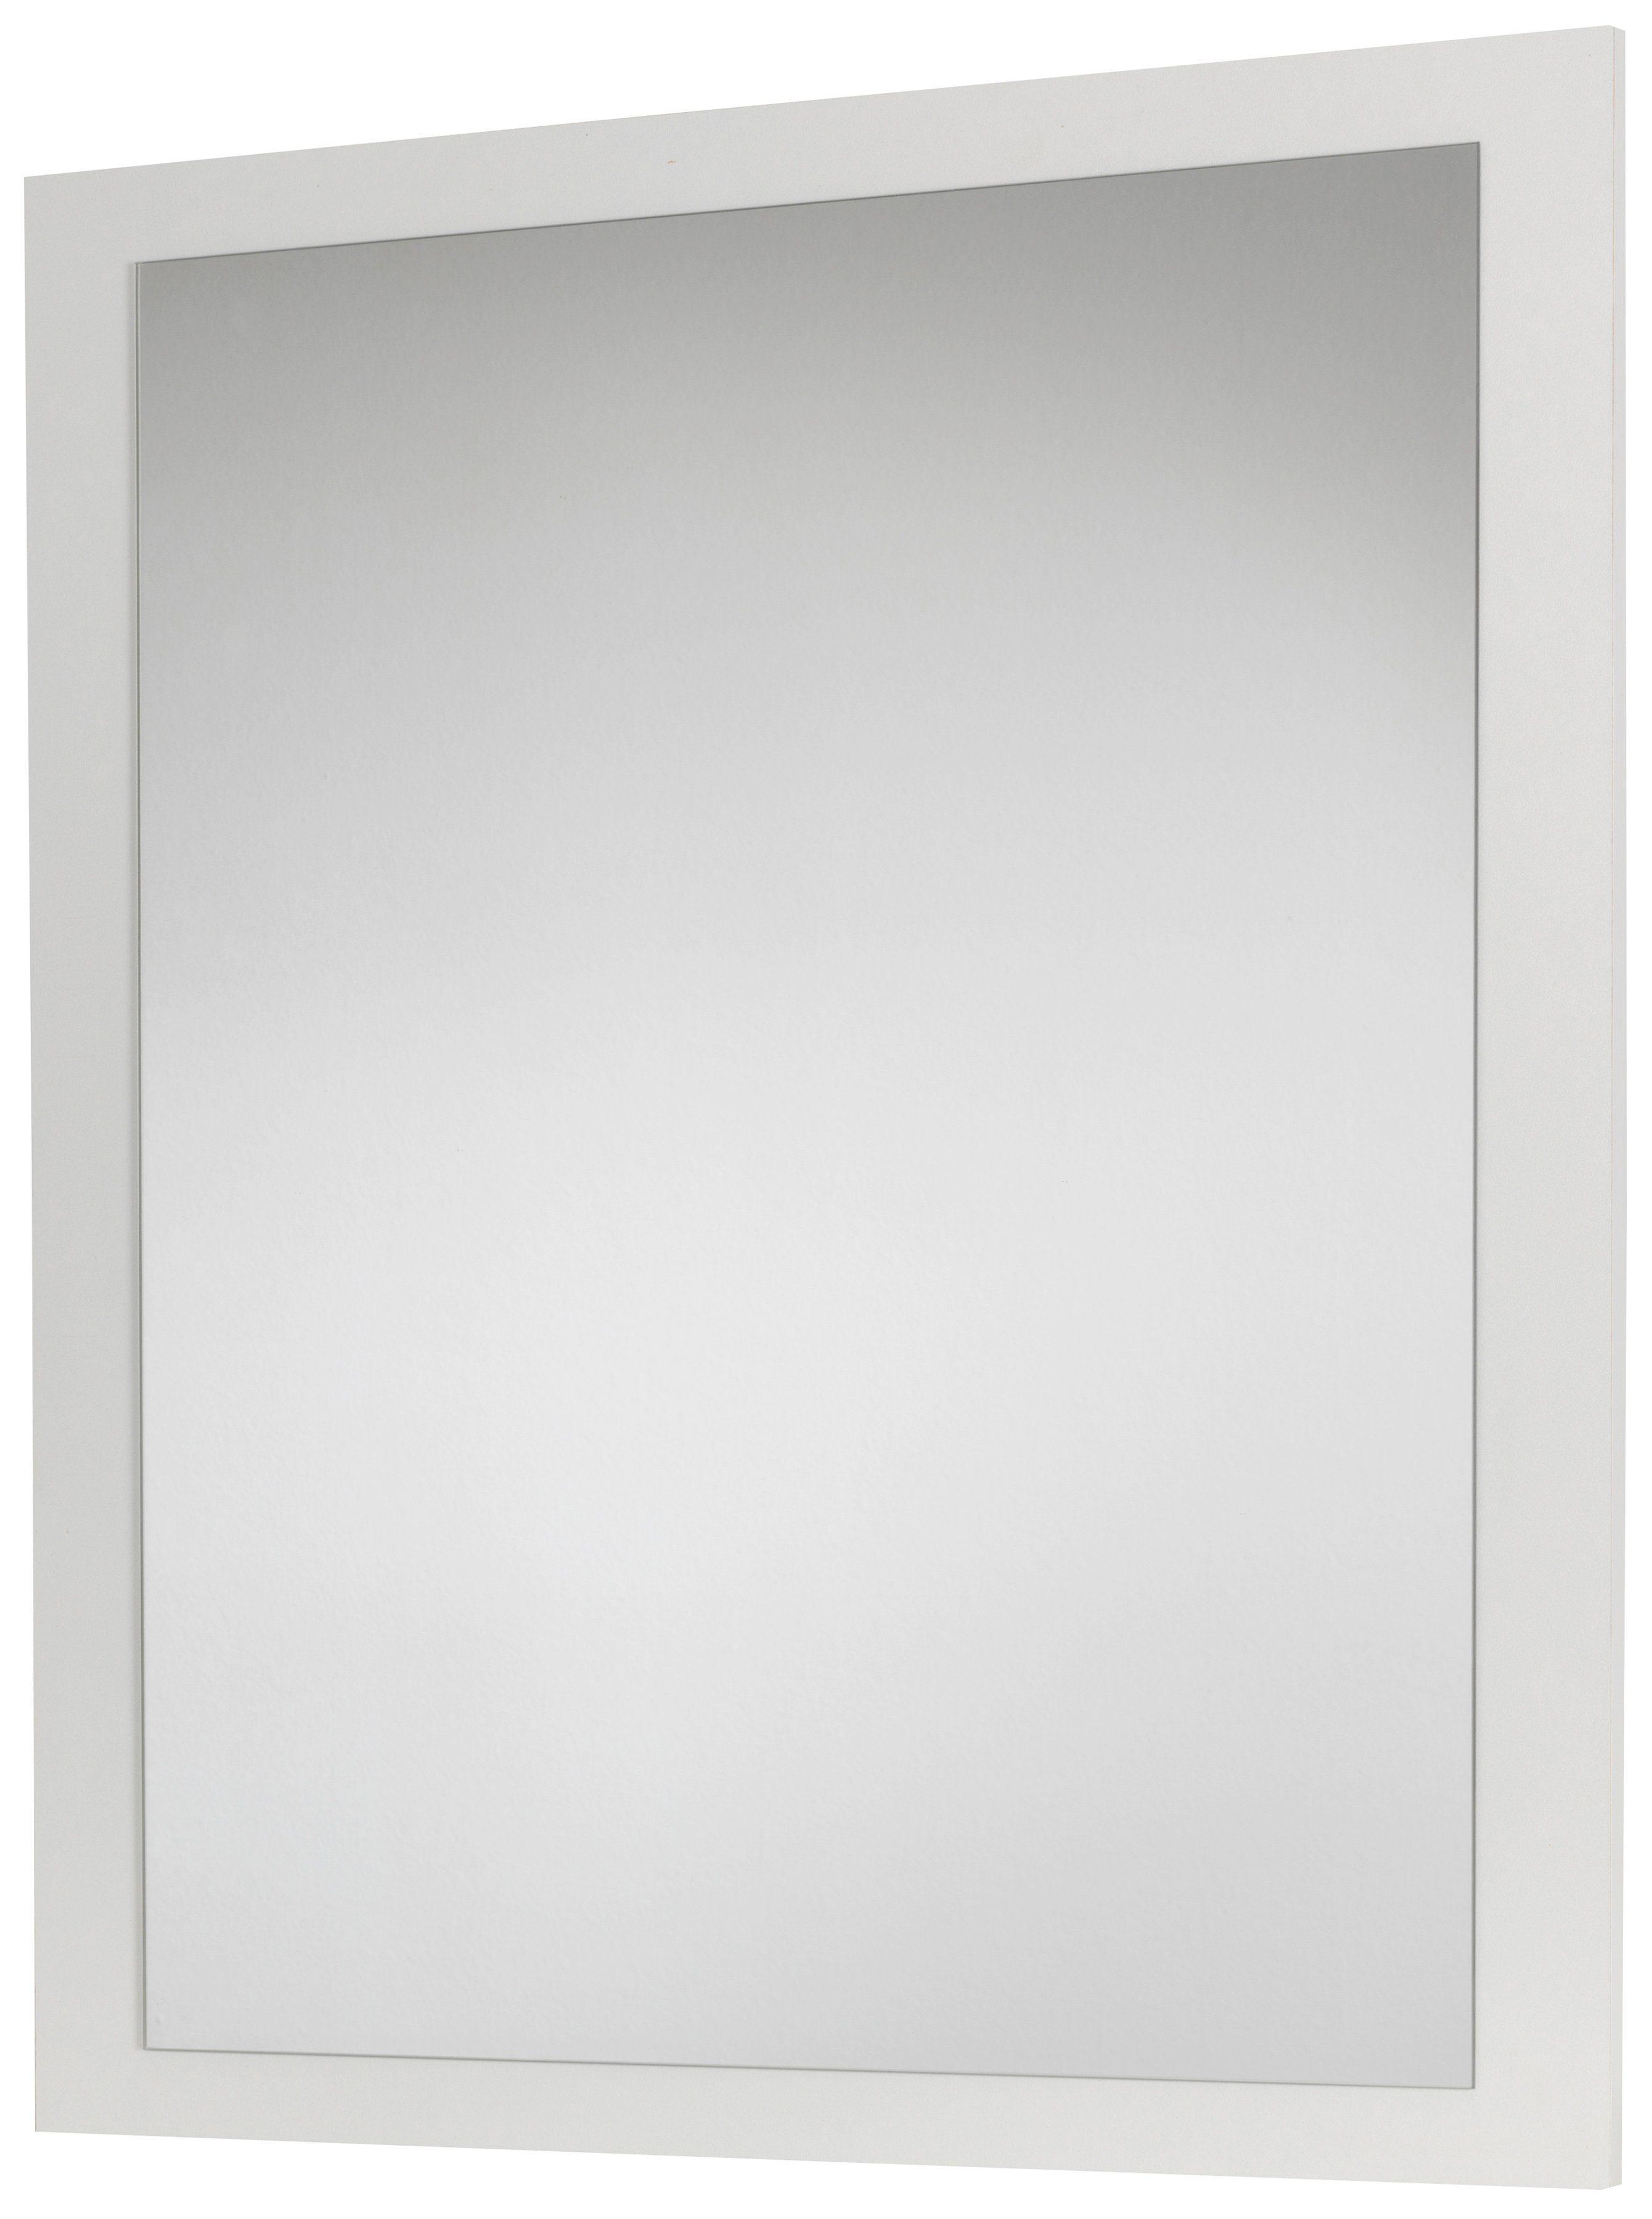 Spiegel / Badspiegel »Basic« Breite 58,5 cm